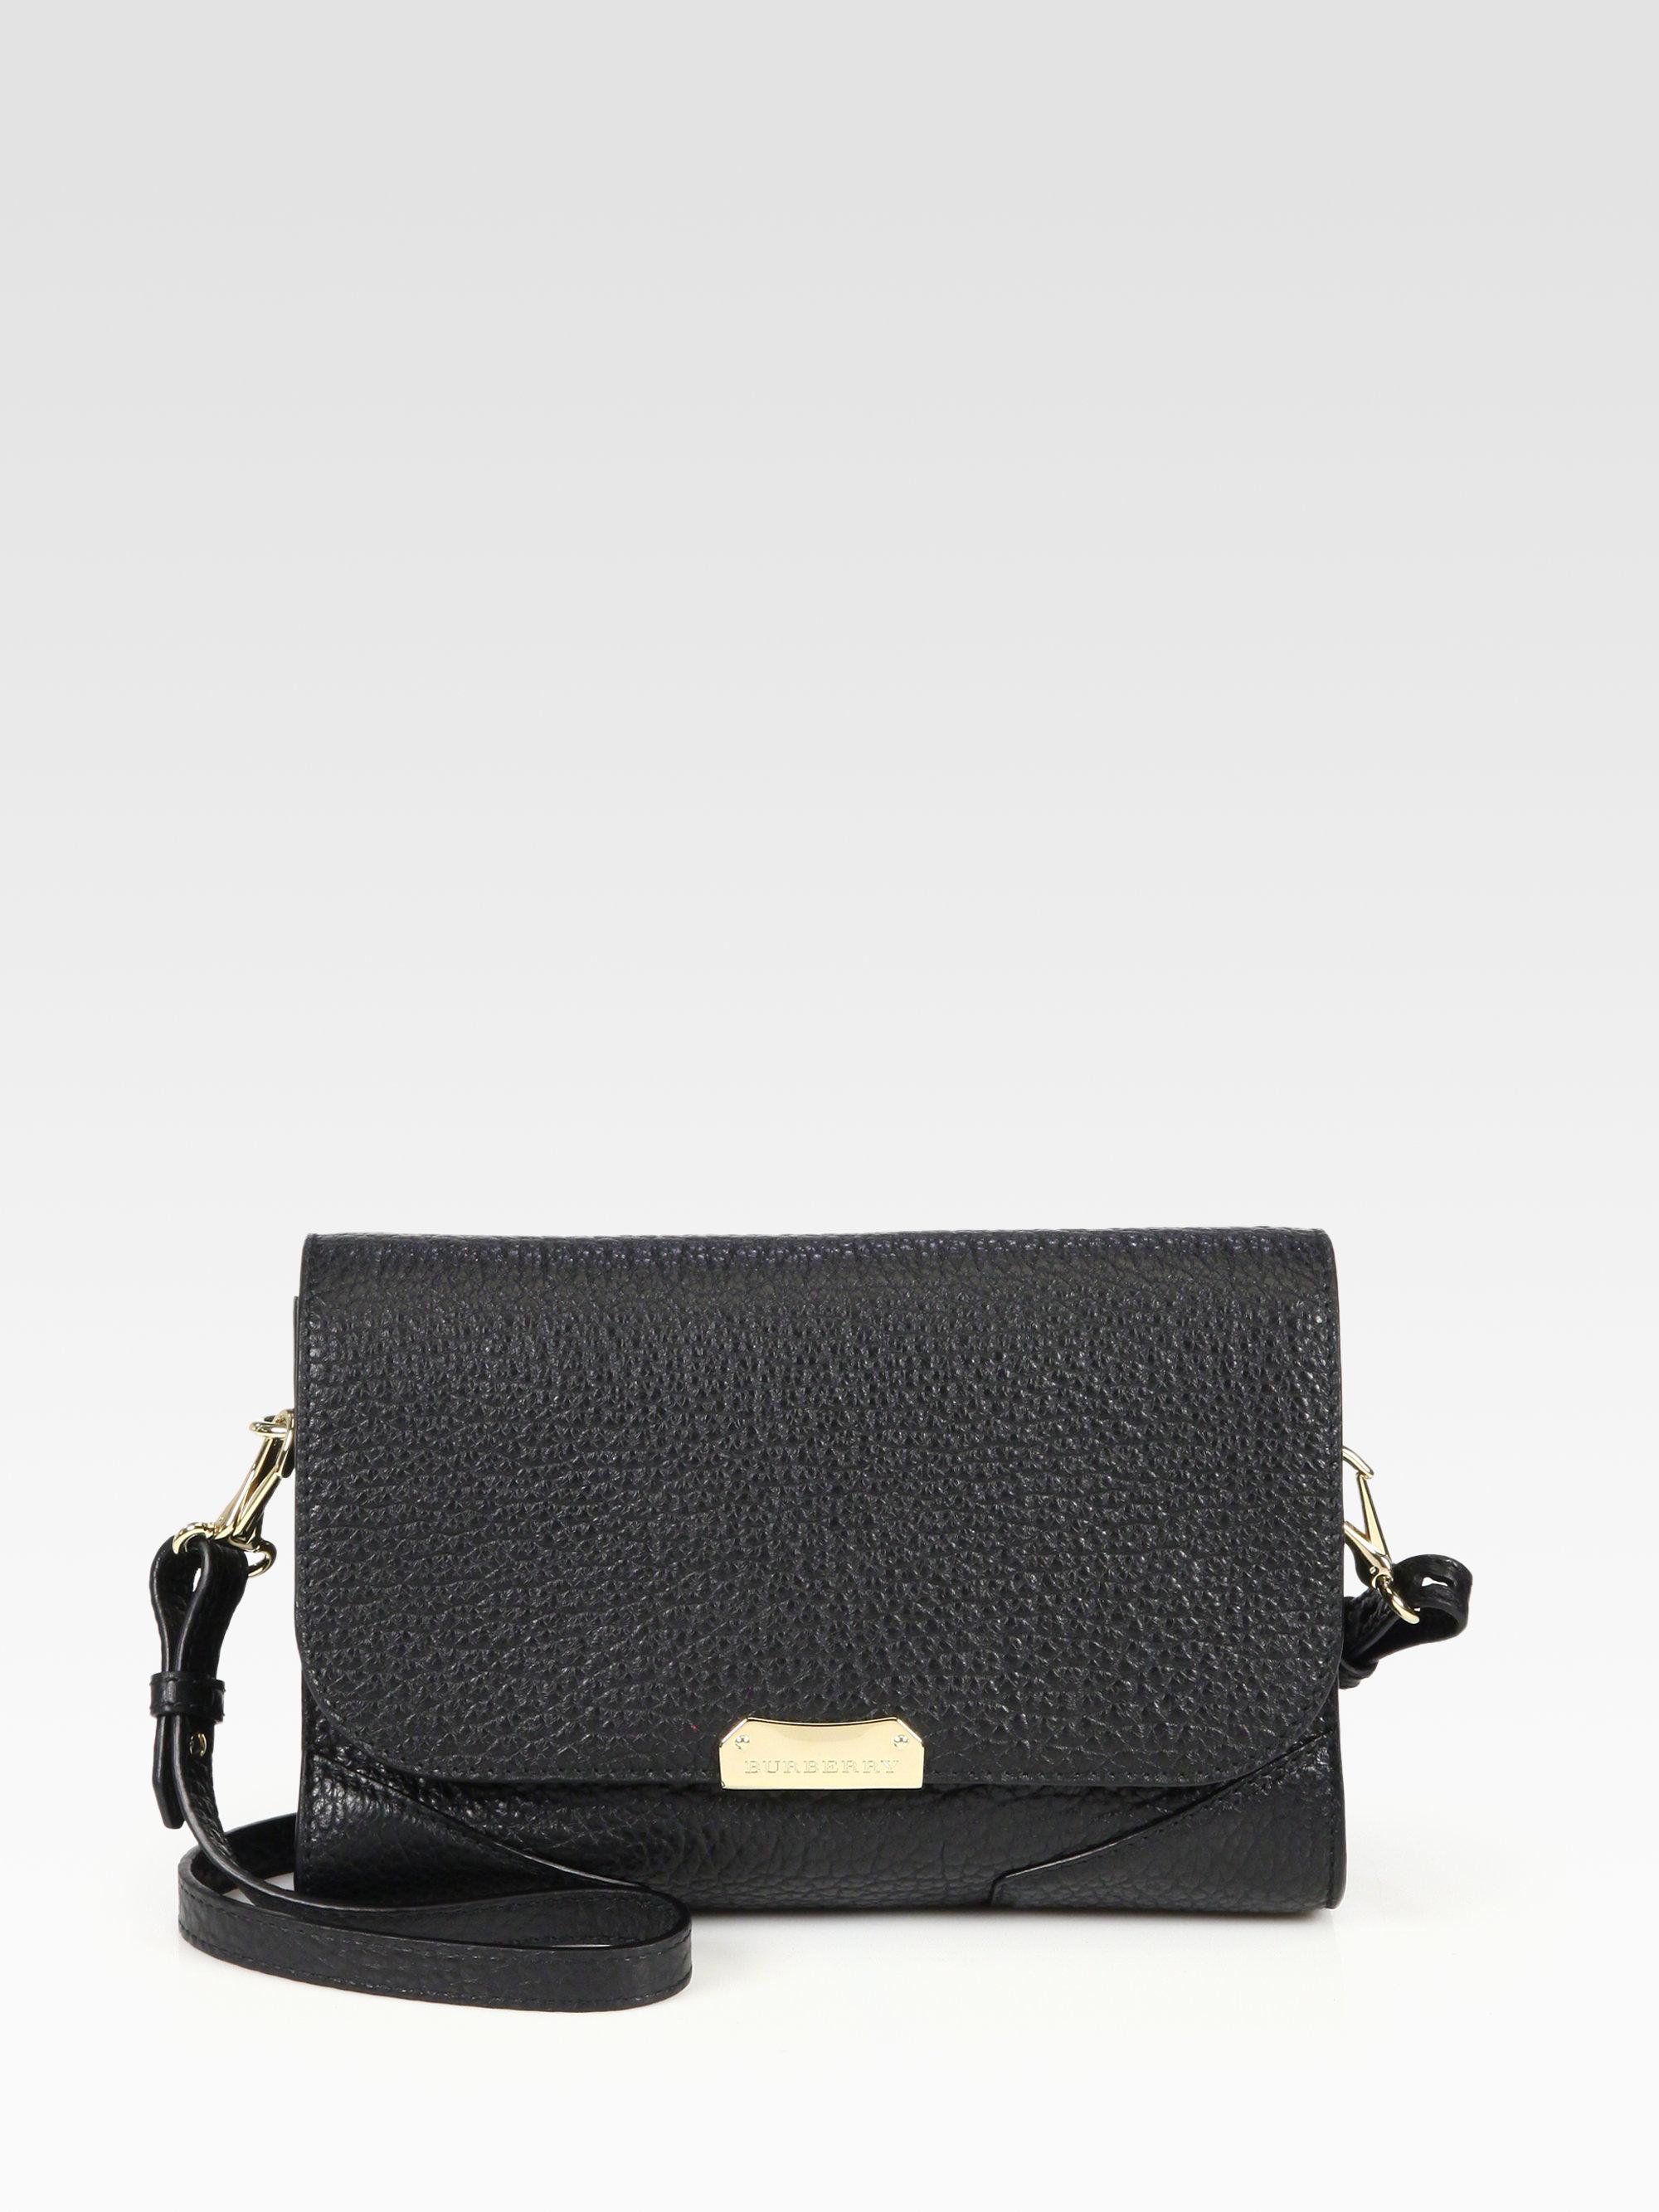 437b046aa5c2 Lyst - Burberry Abbott Small Crossbody Bag in Black